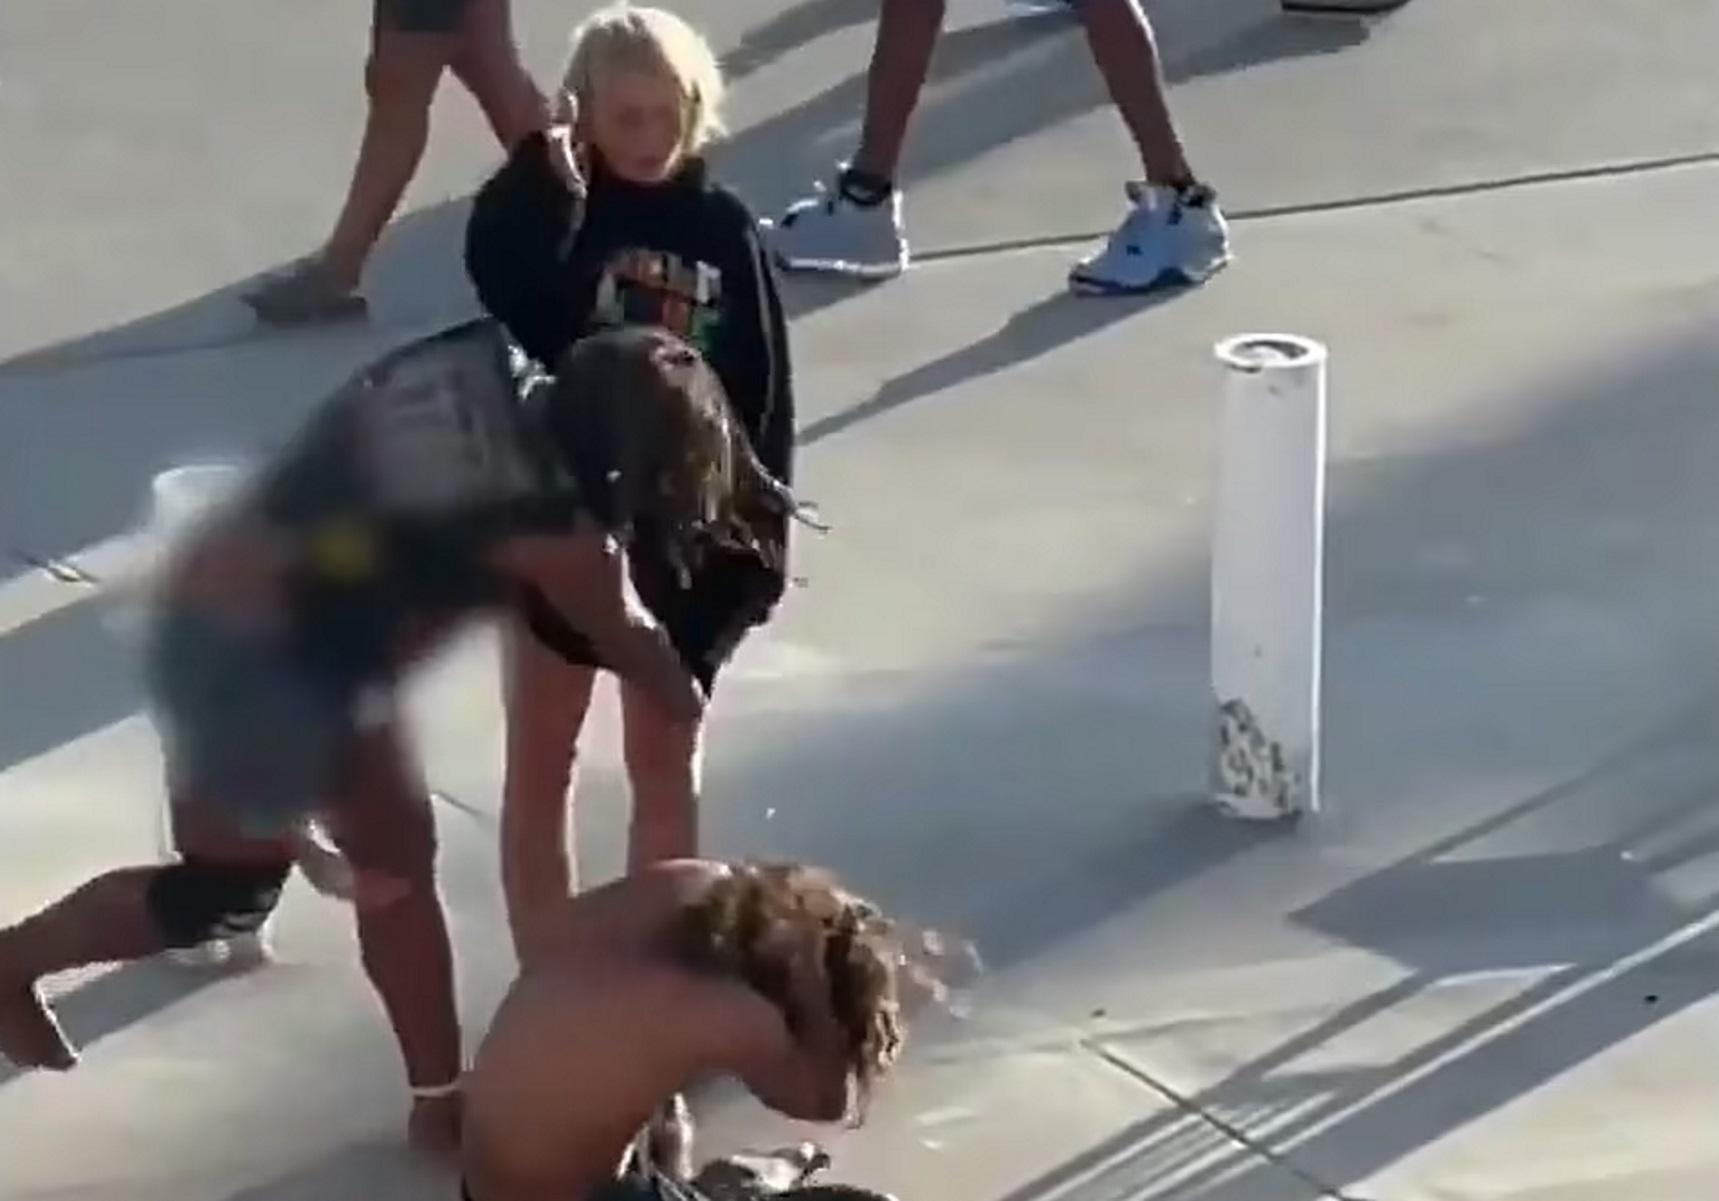 Λος Άντζελες: Βίντεο δείχνει δύο γυναίκες να κλωτσάνε και να βρίζουν άστεγο